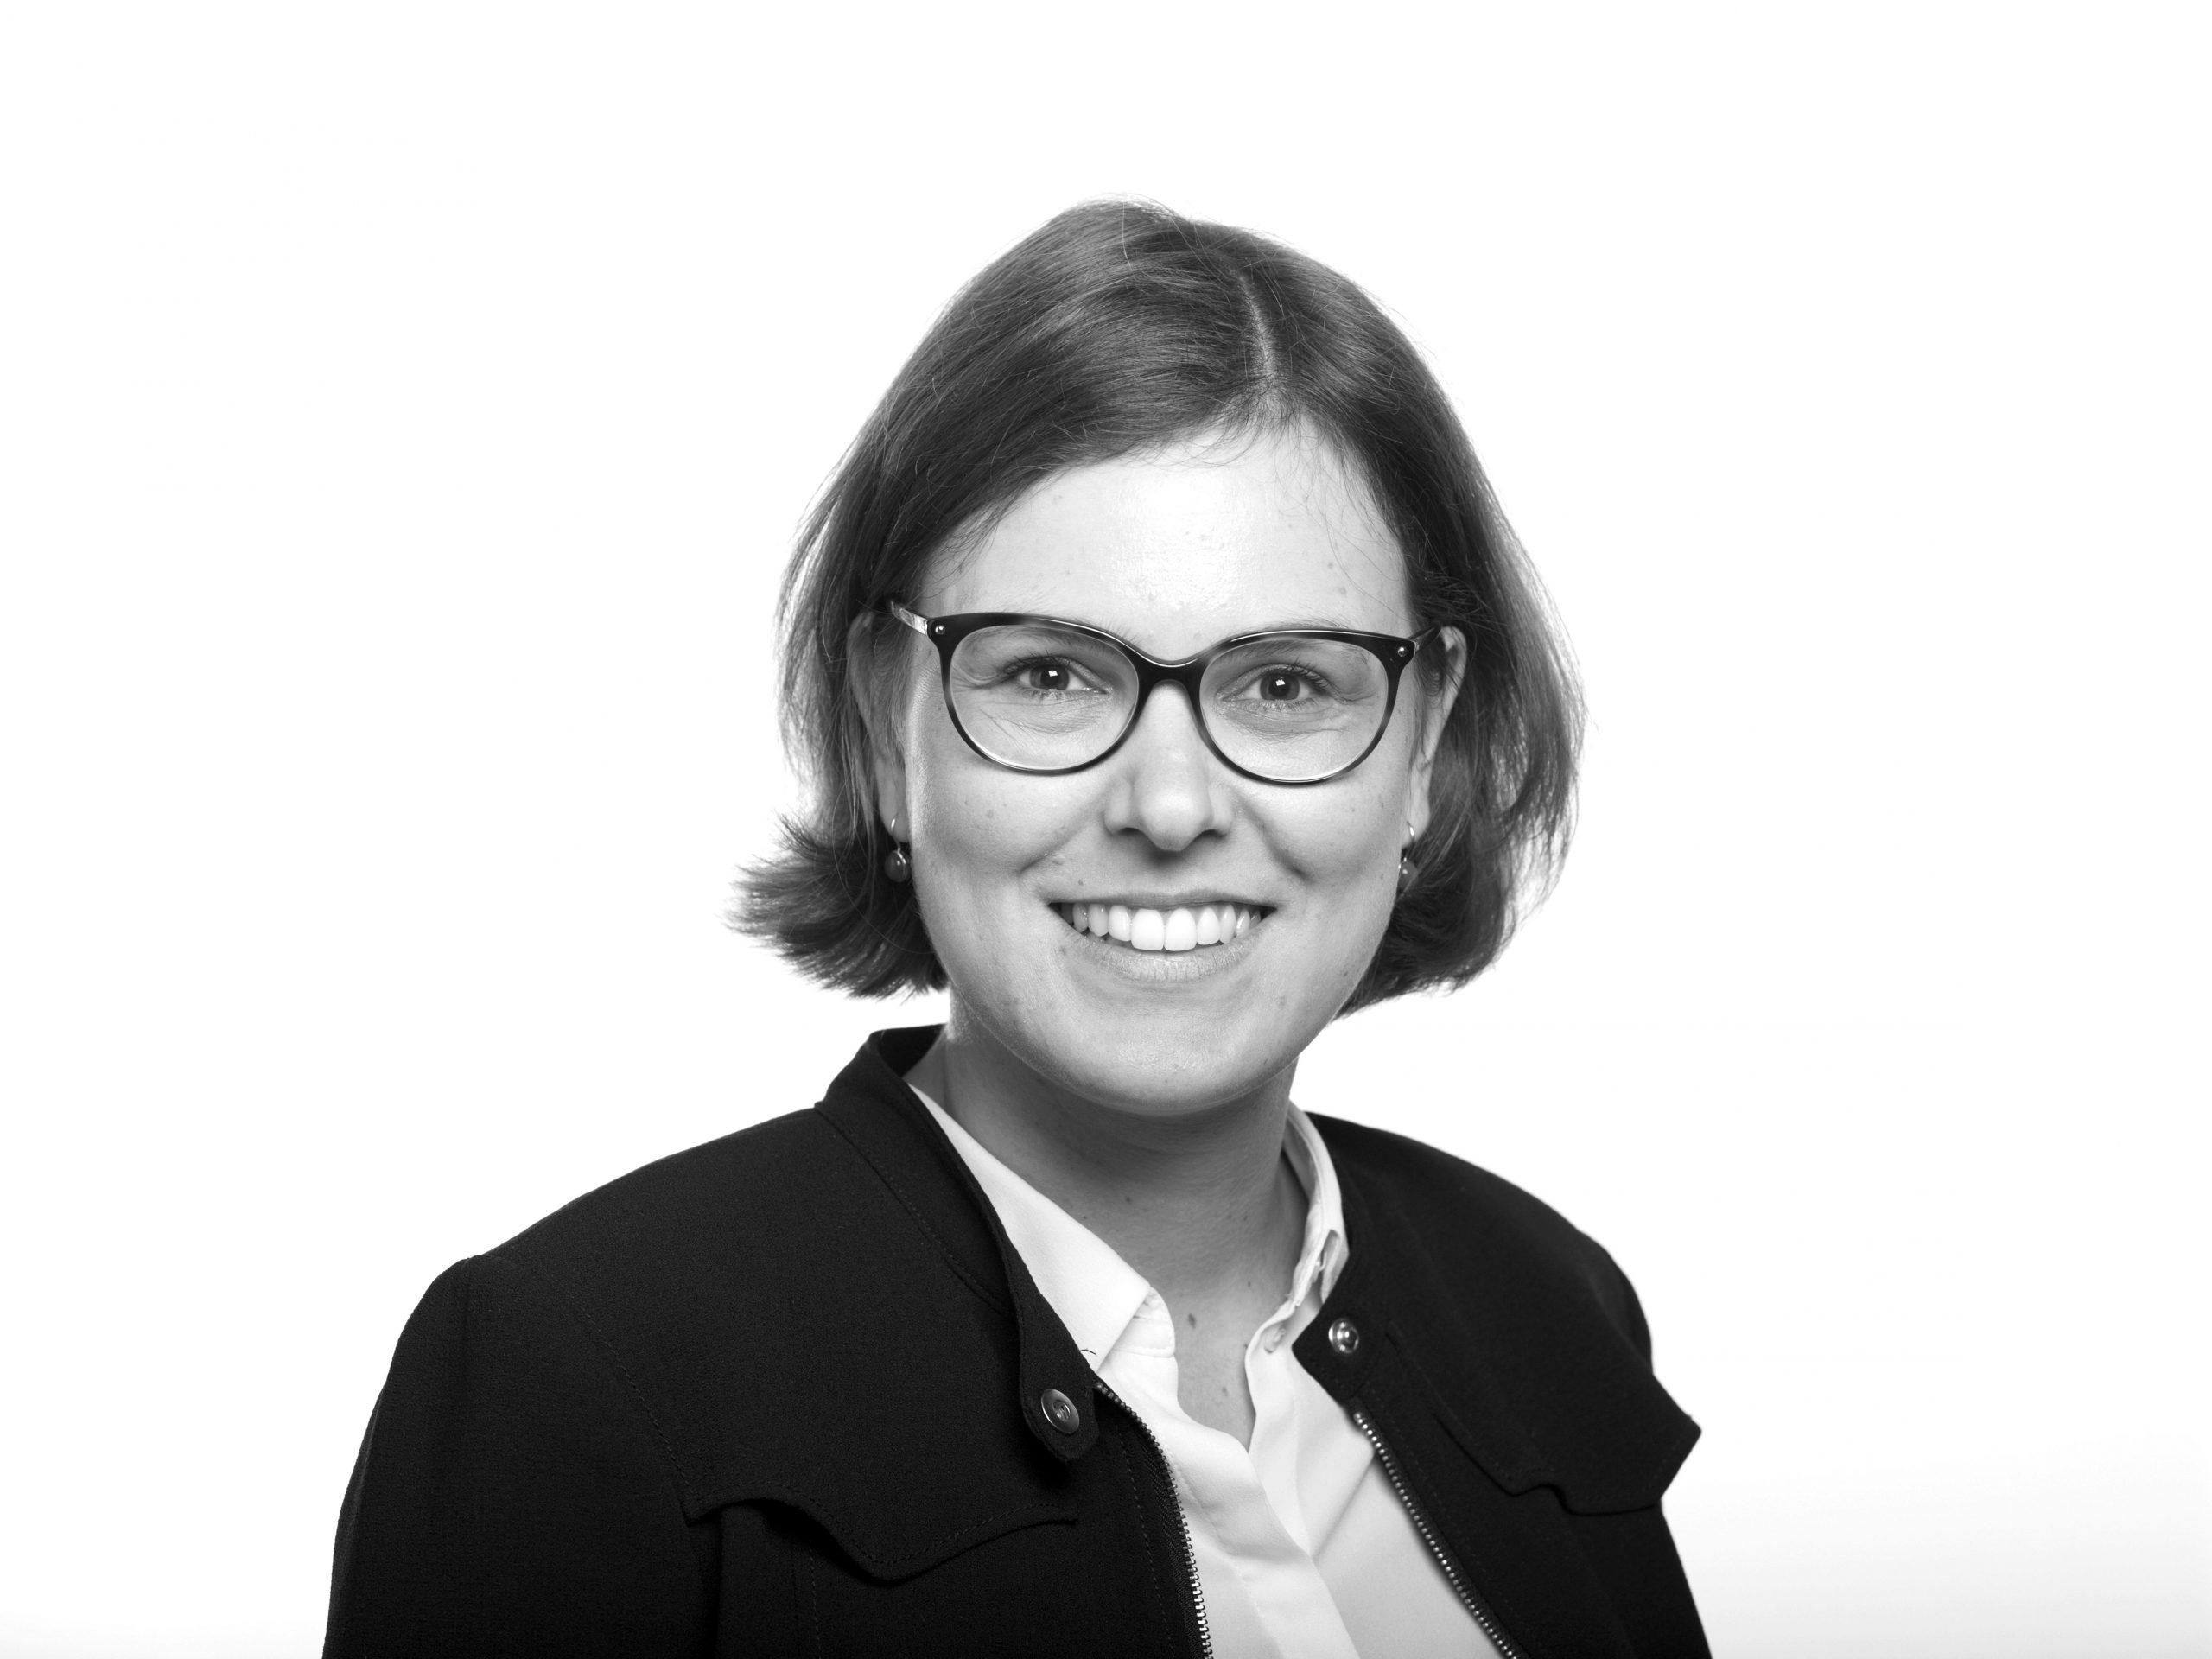 Sonja Petersen